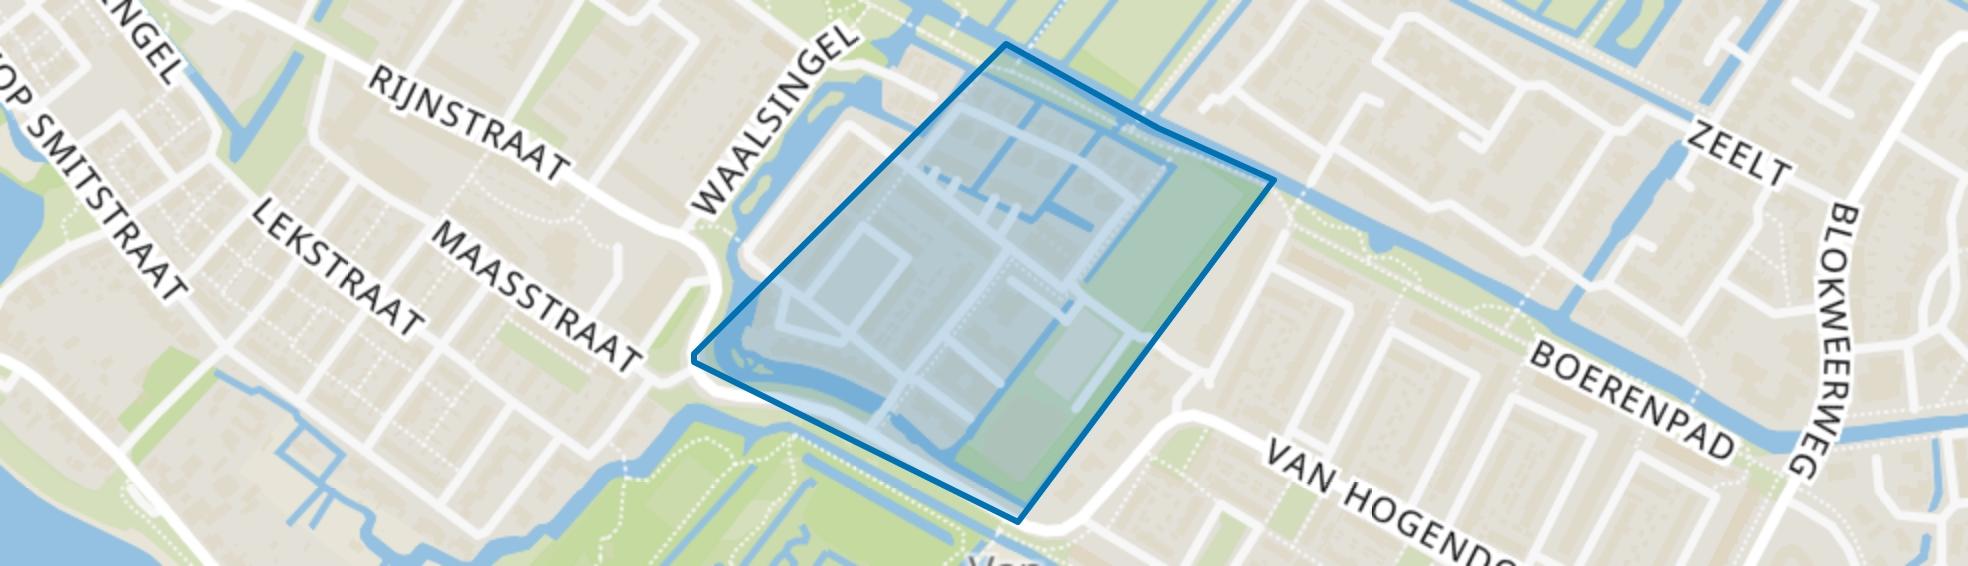 Waterland, Alblasserdam map